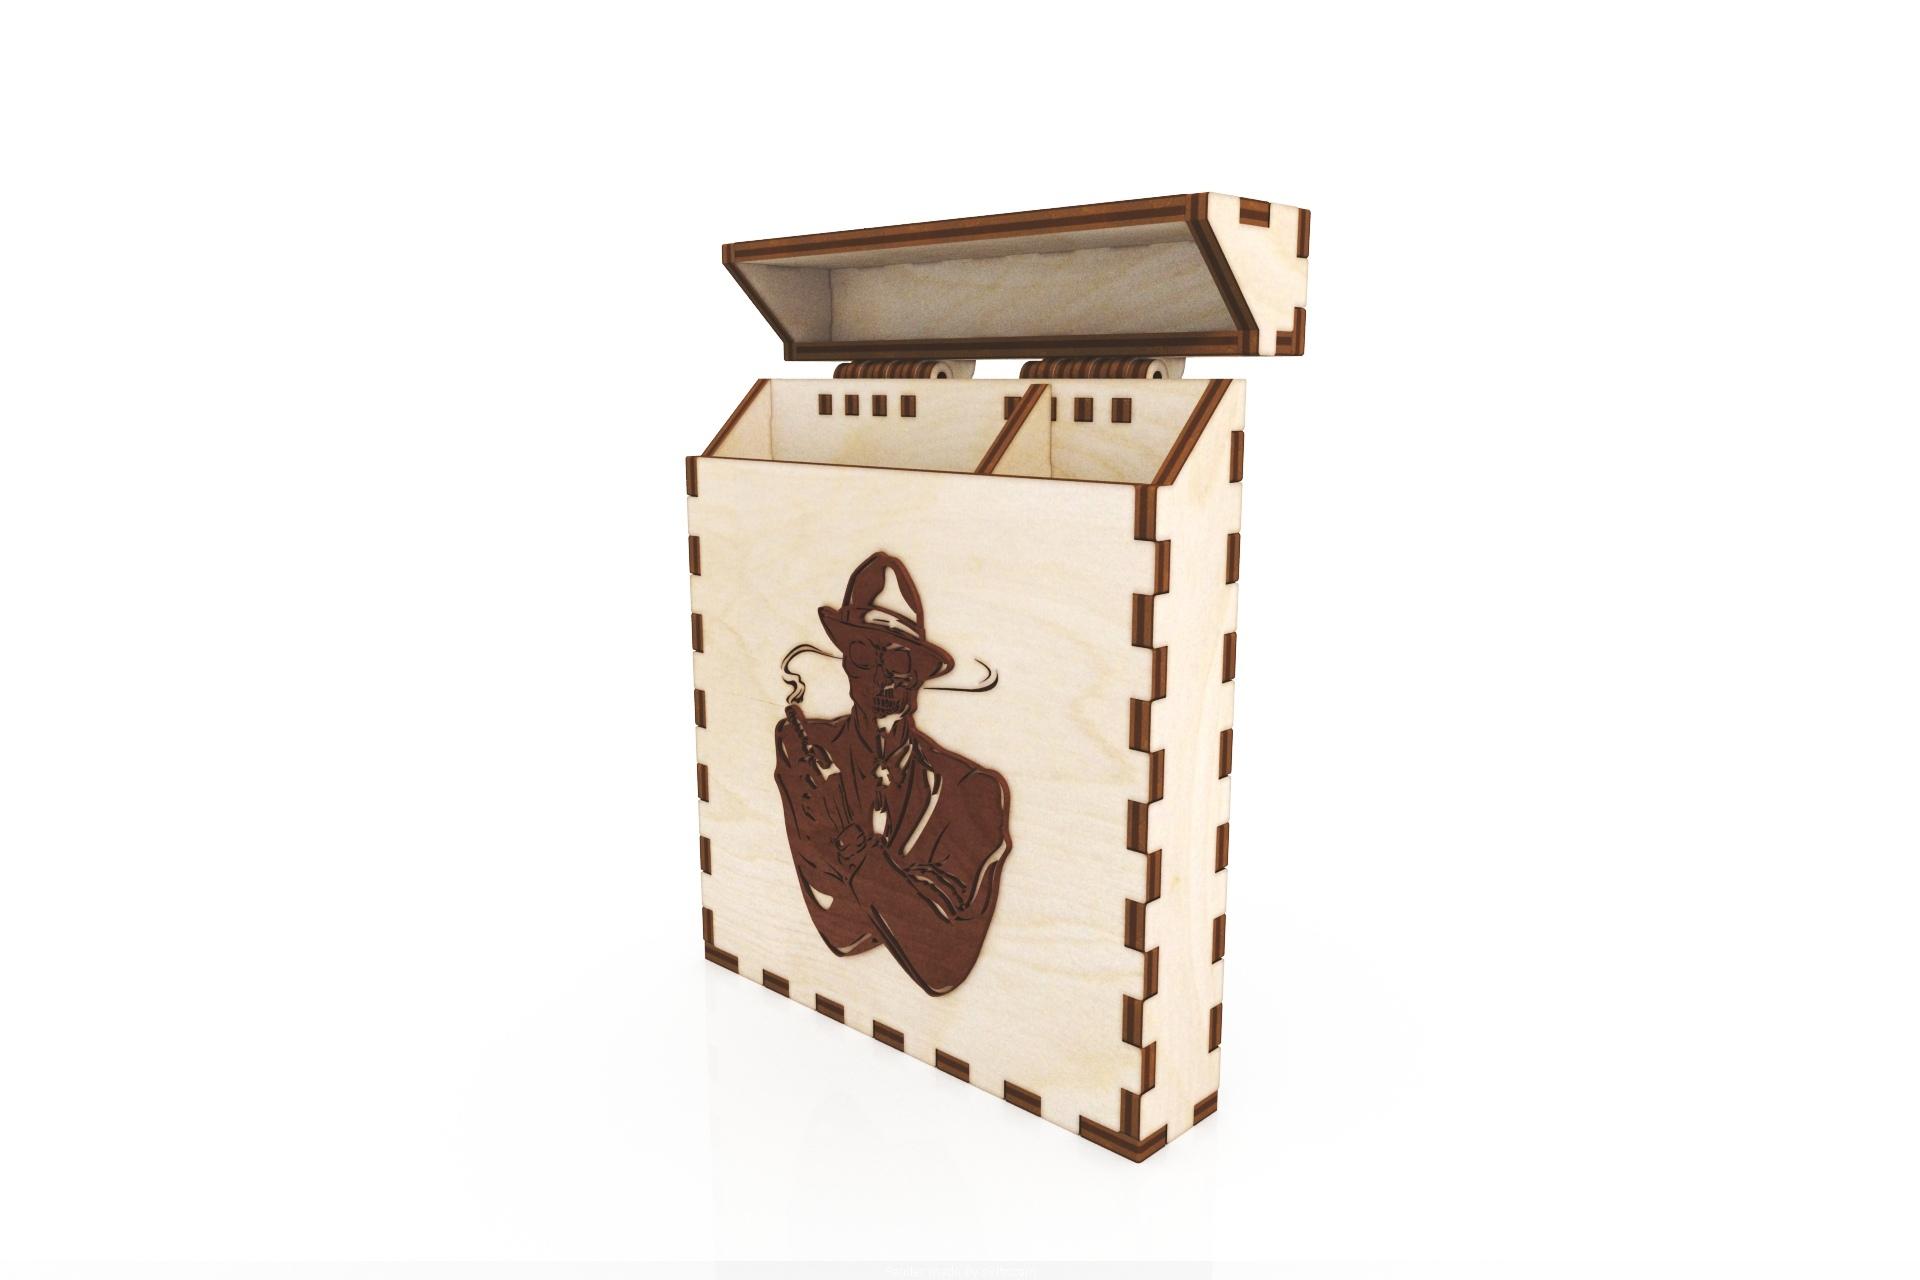 Laser Cut Wooden Cigarette Box 100mm Free CDR Vectors Art